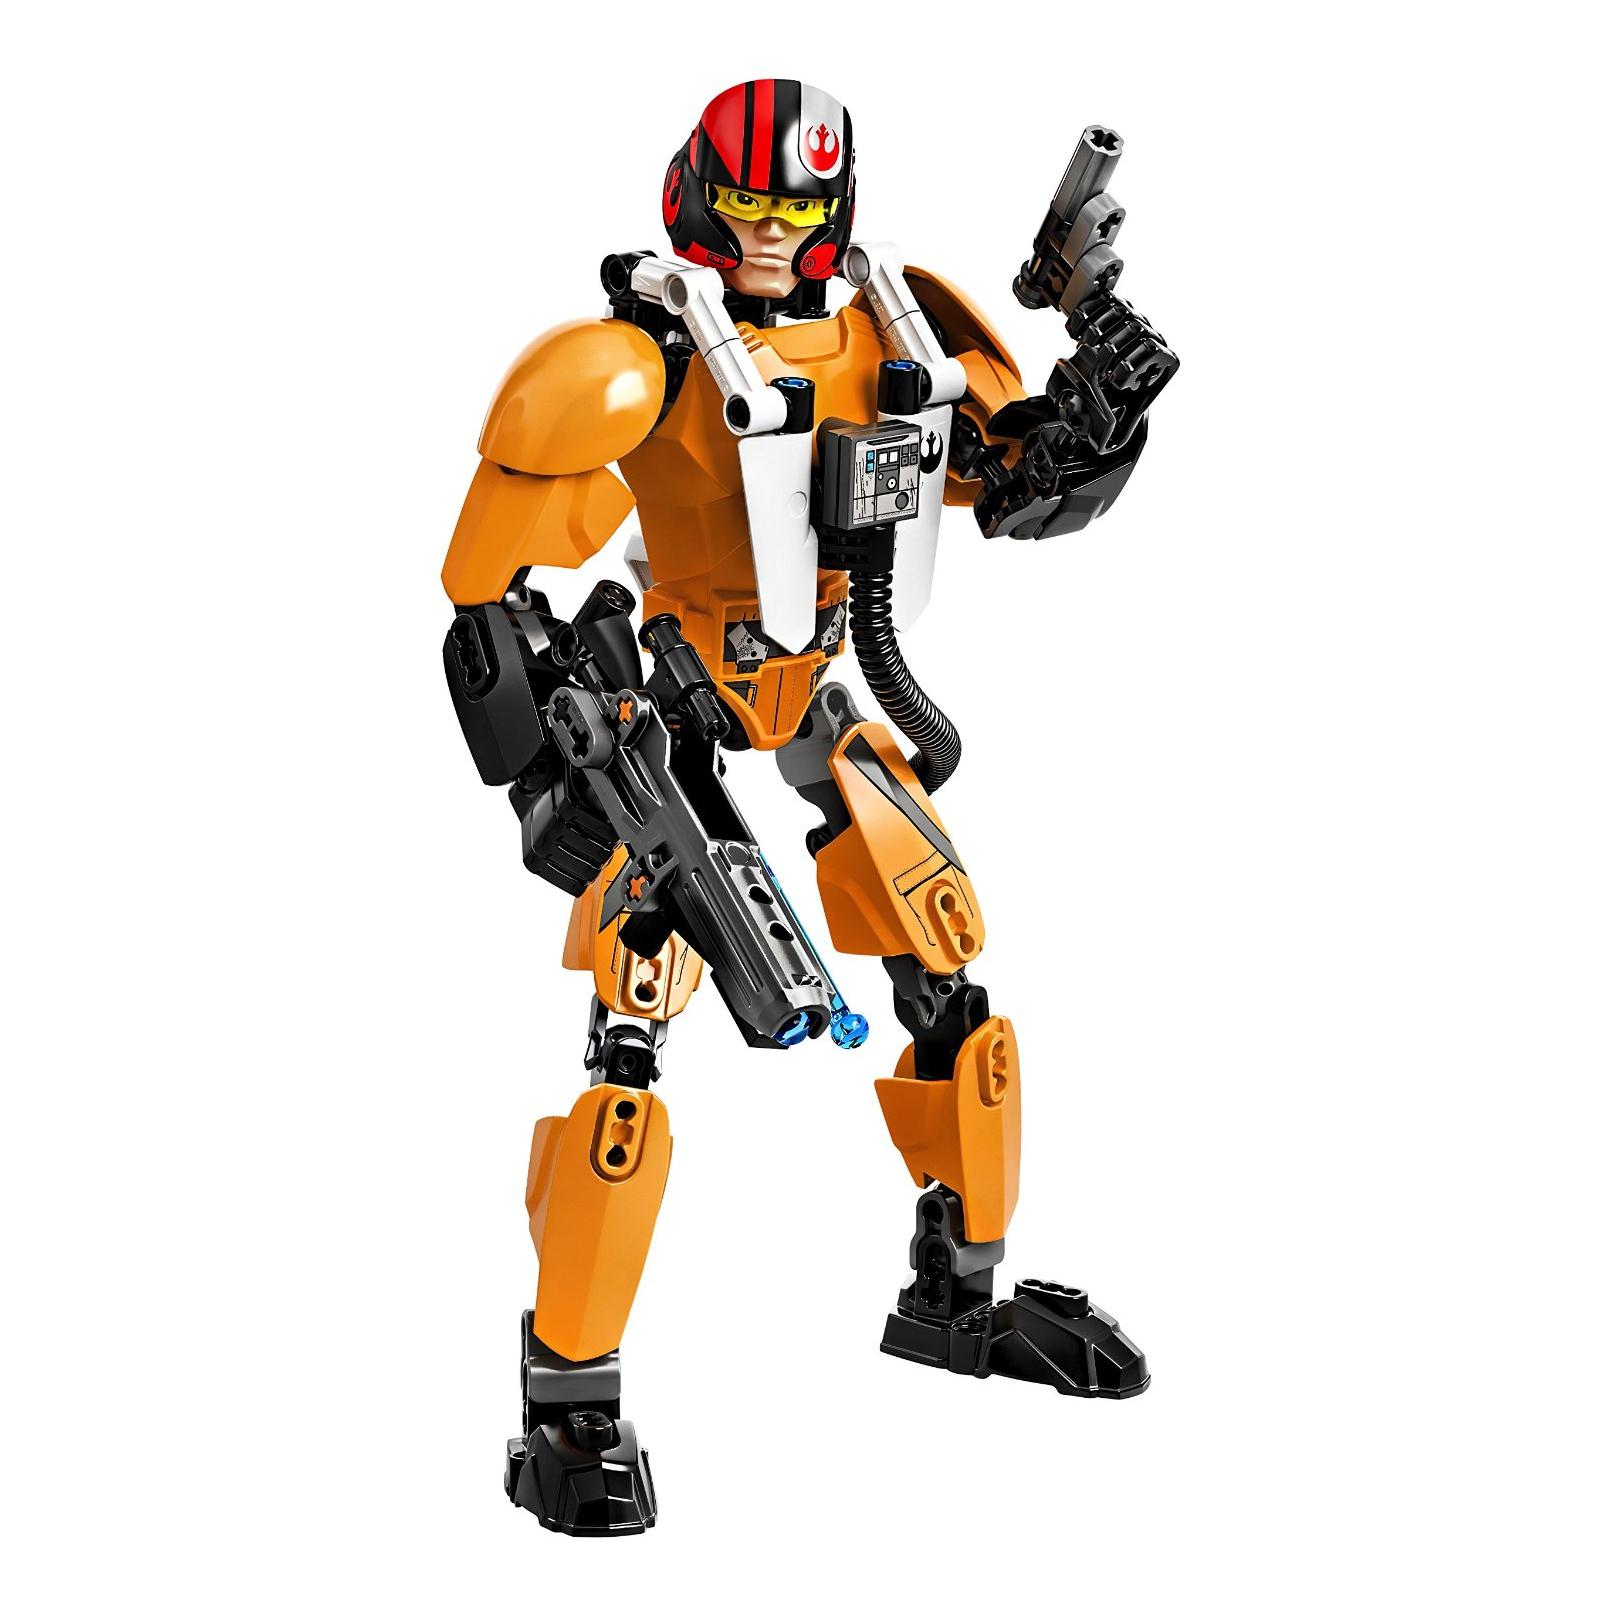 Конструктор LEGO Star Wars По Демерон (75115) изображение 3